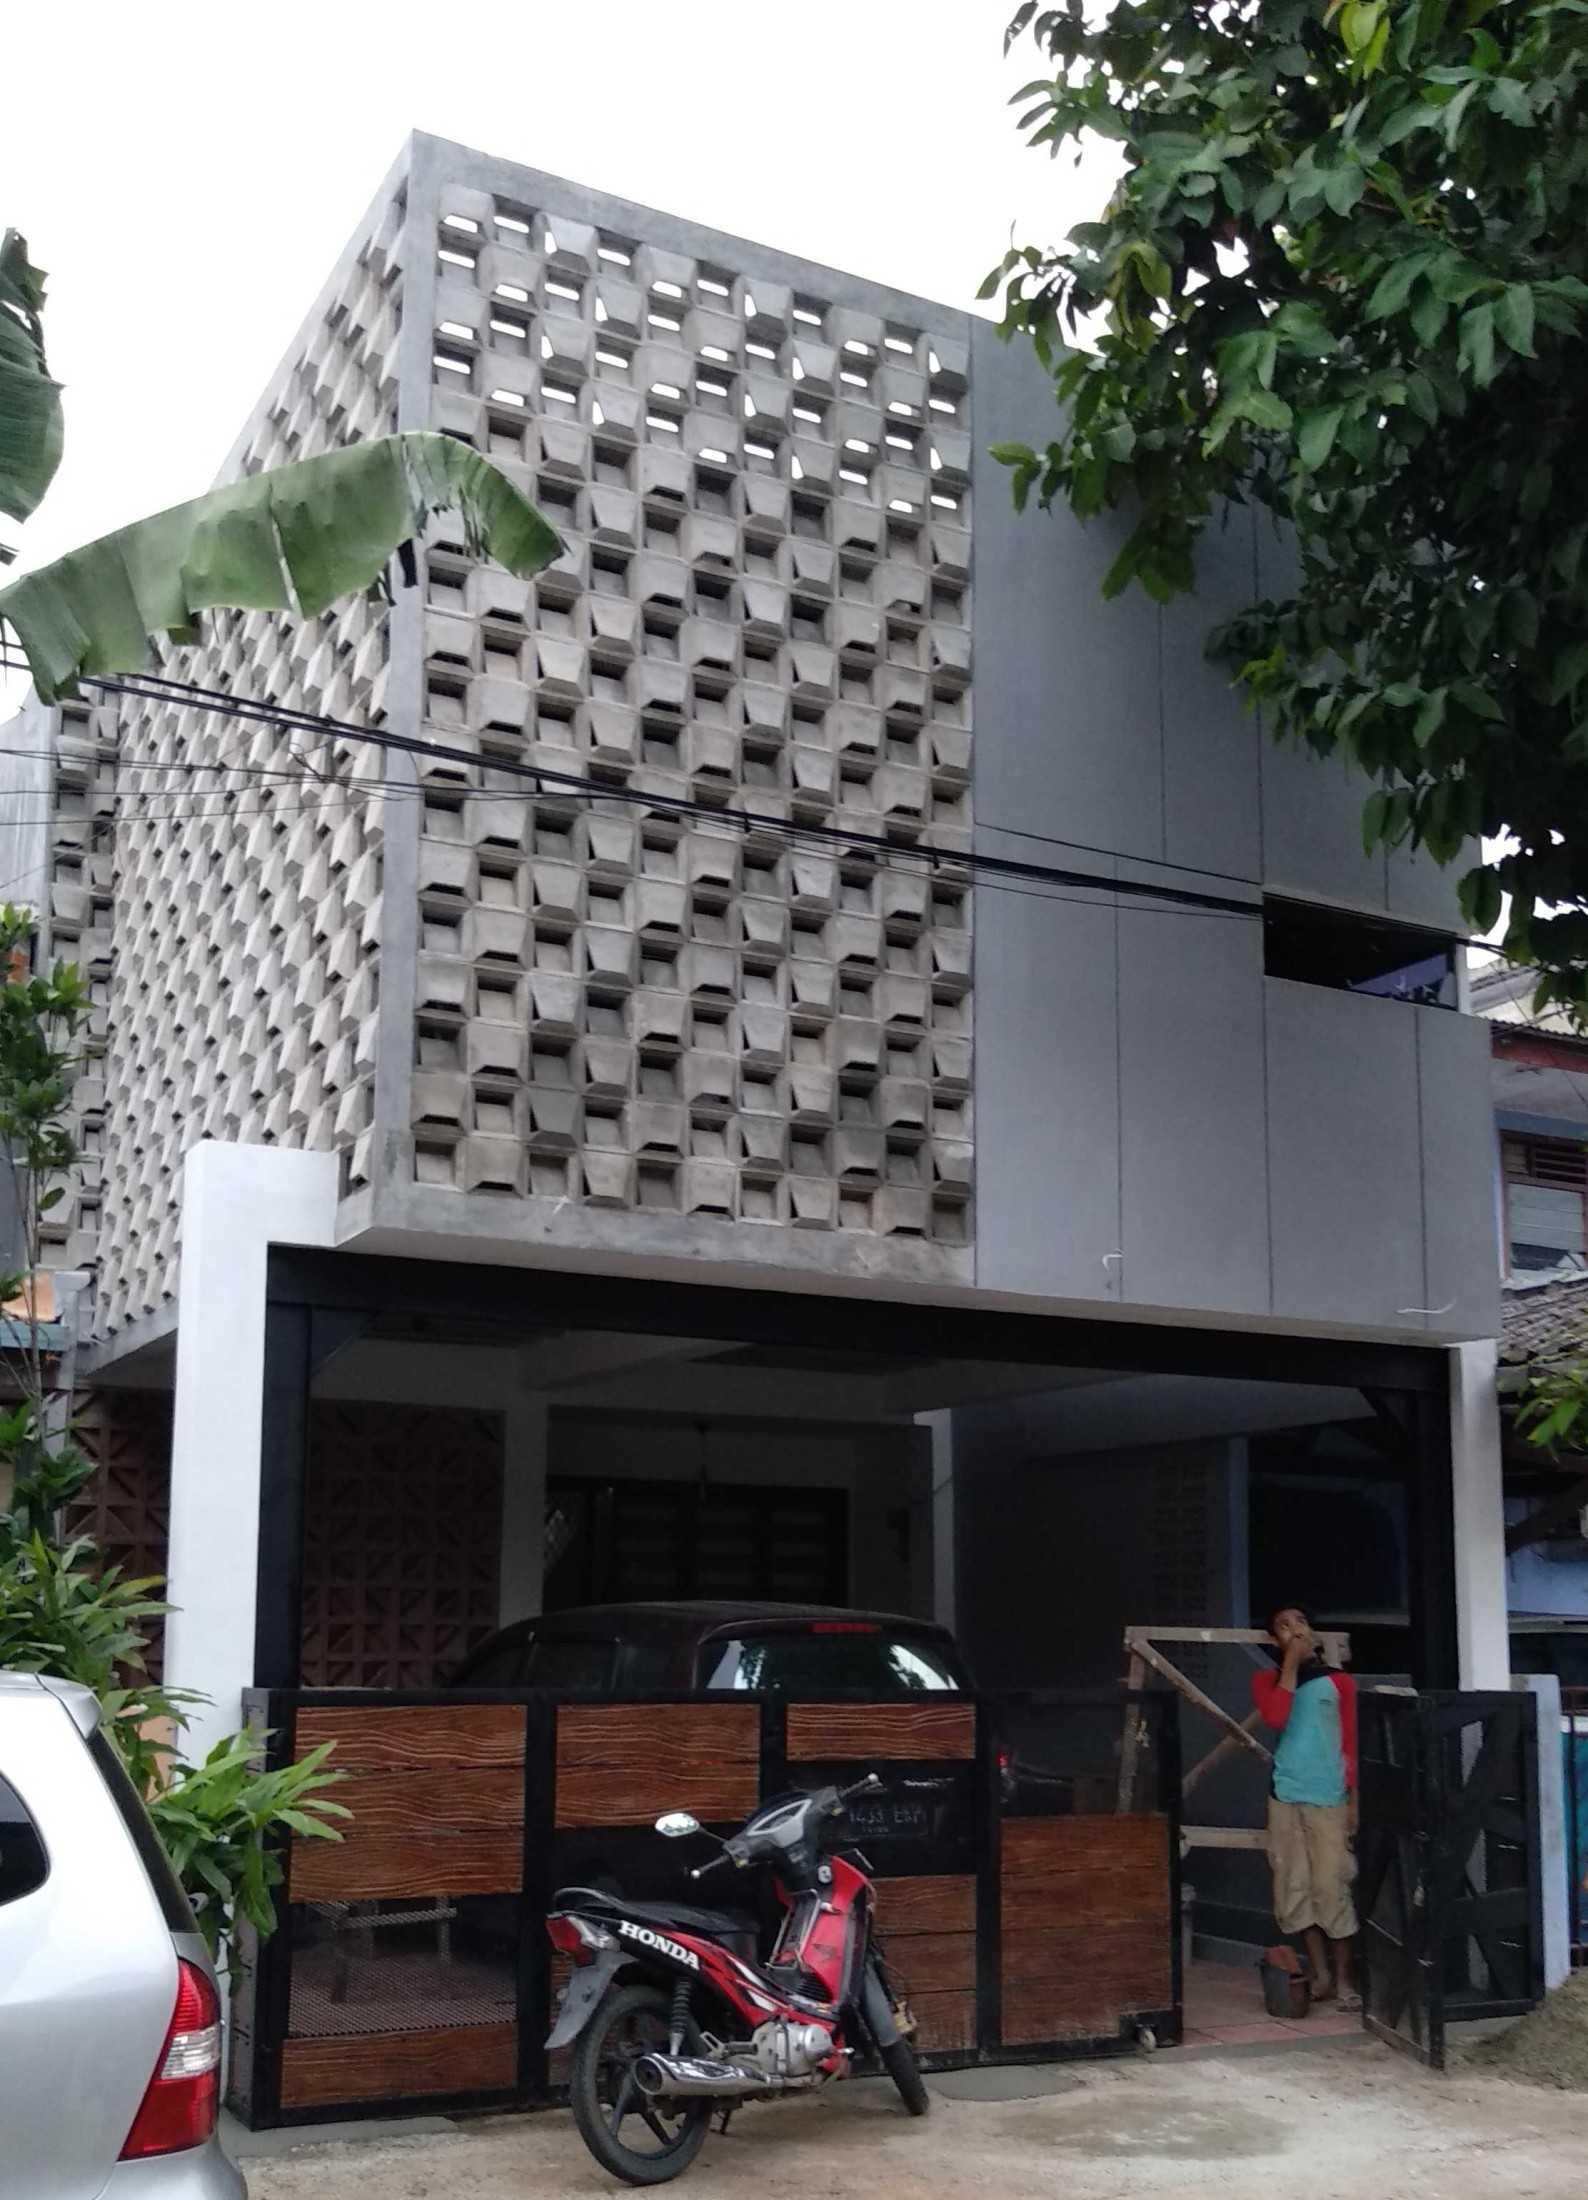 Aldesign Bl House A.k.a Balkon Roster Kecamatan Beji, Kota Depok, Jawa Barat, Indonesia Kecamatan Beji, Kota Depok, Jawa Barat, Indonesia Aldesign-Bl-House-Aka-Balkon-Roster  79743